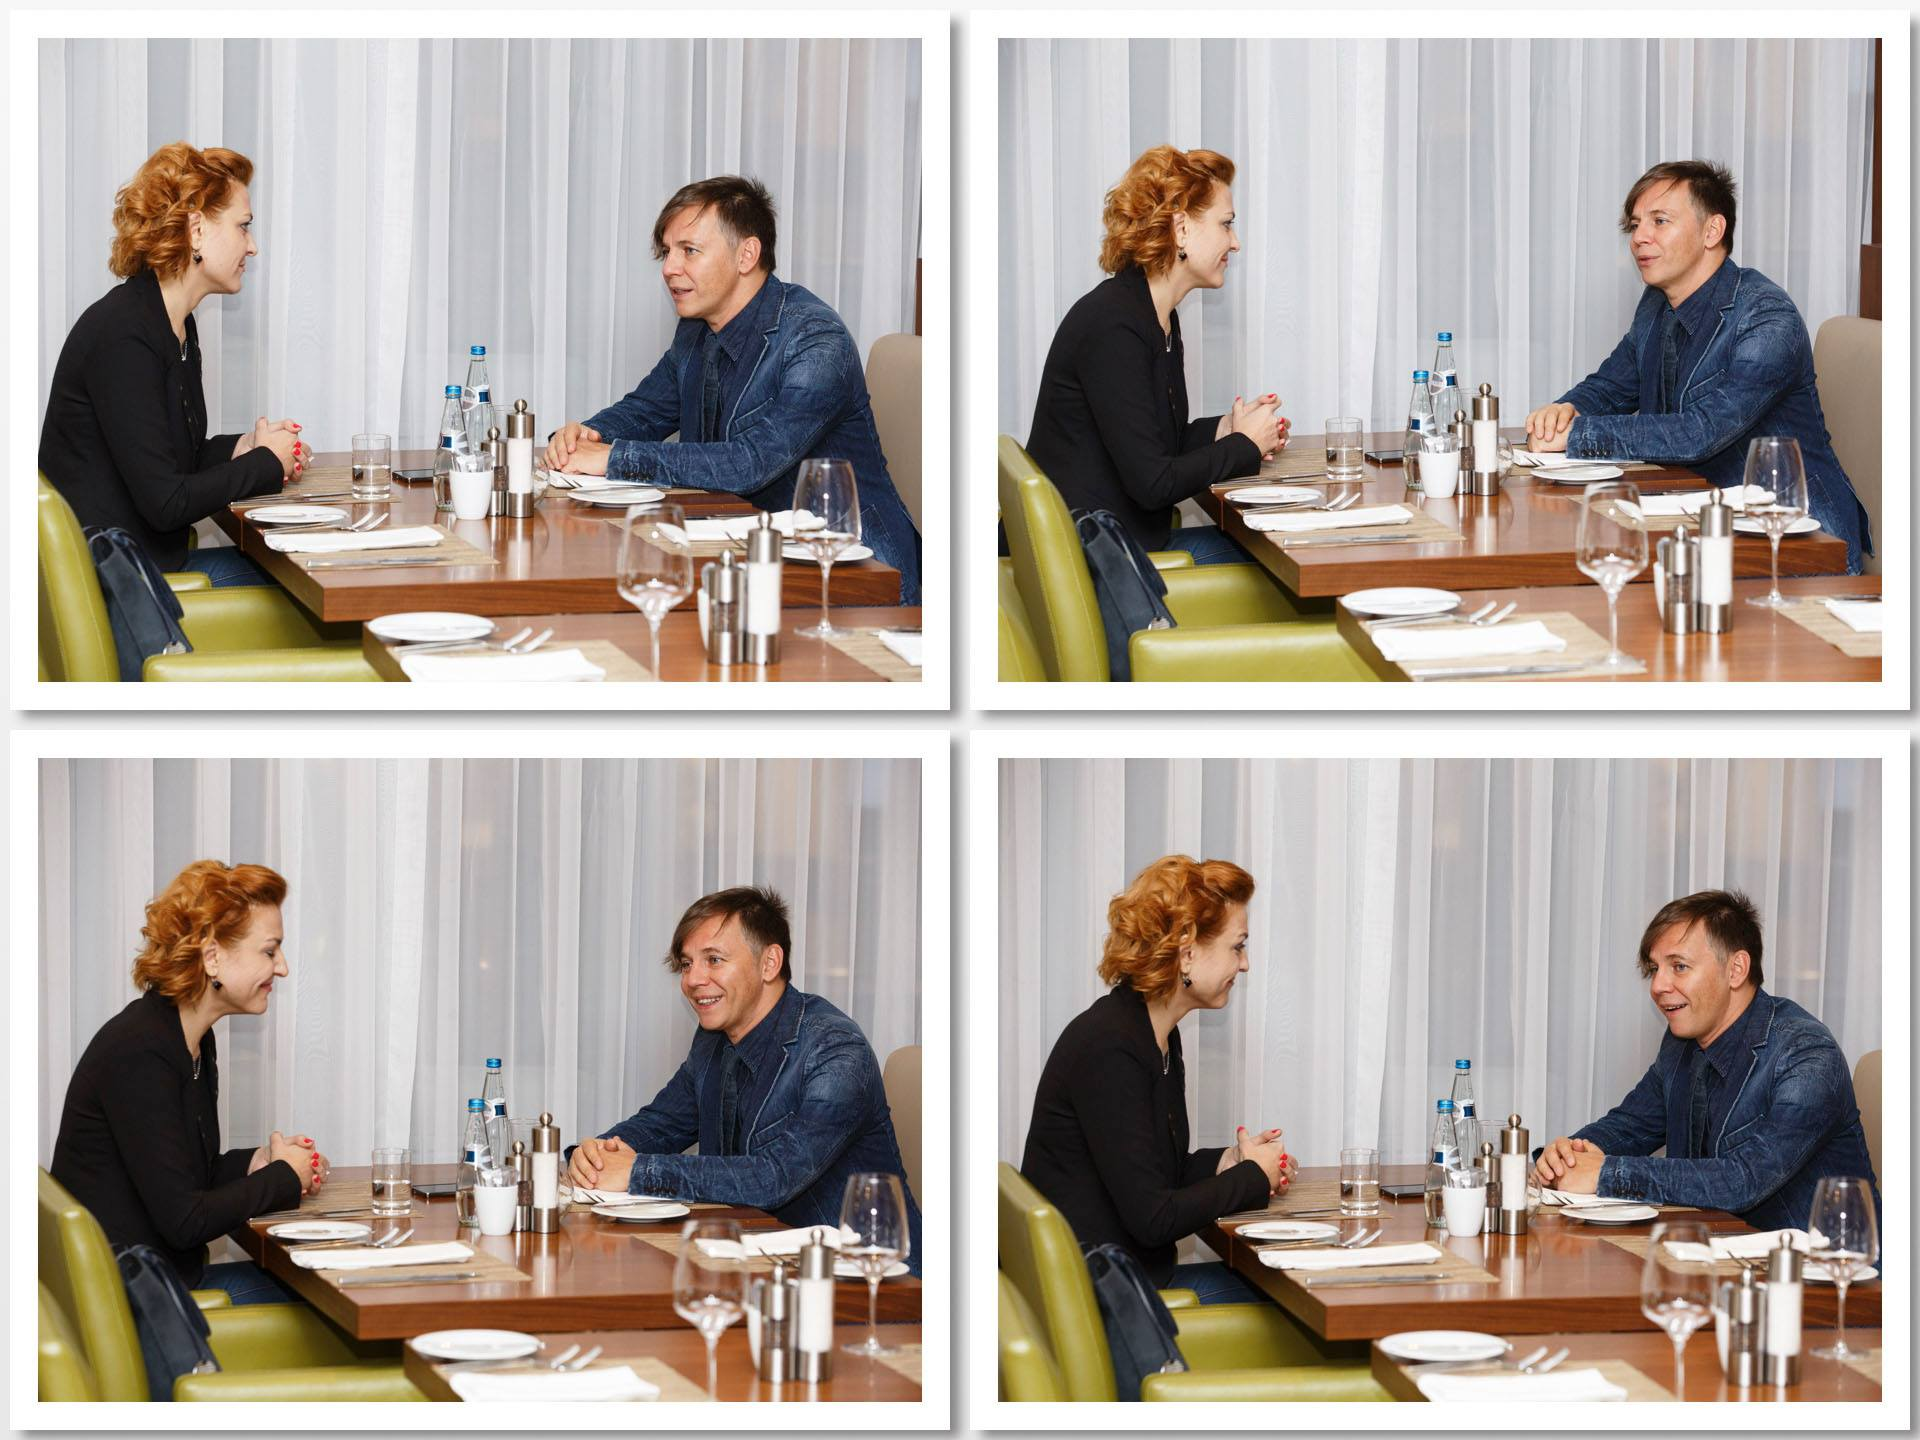 Проекты. Бранч с Бертой - Илья Лагутенко